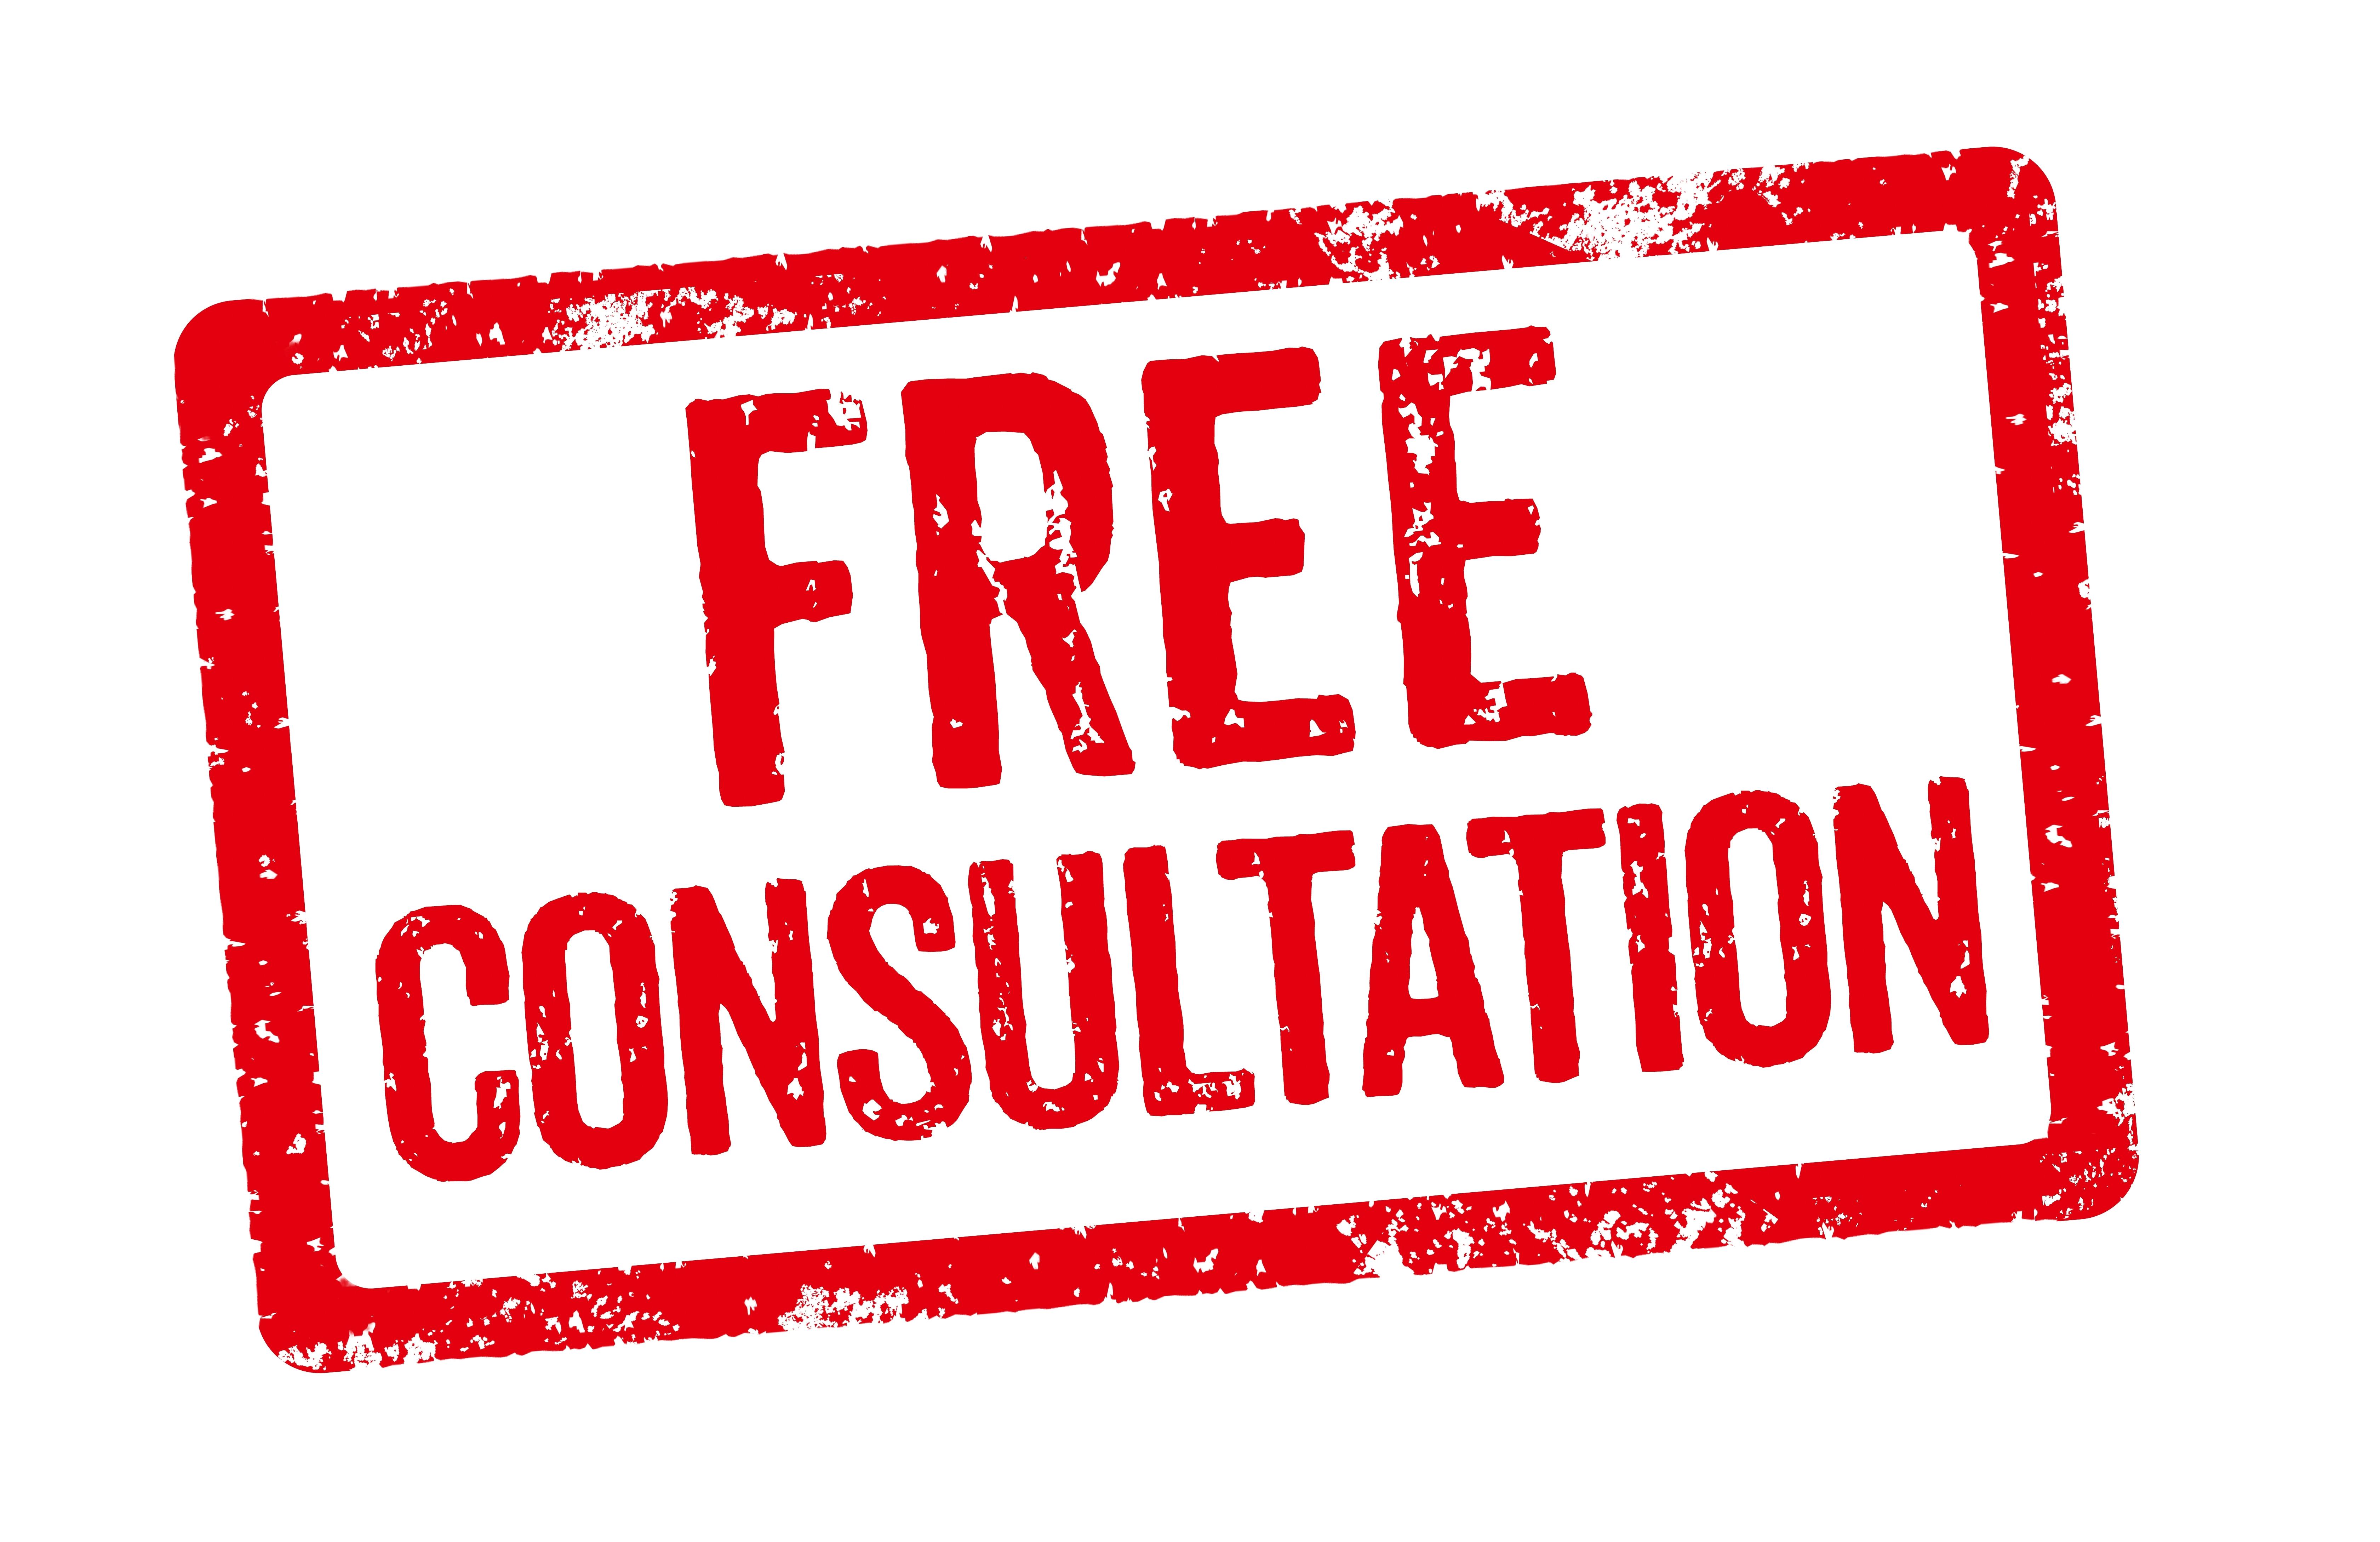 daniel bussius free consultation